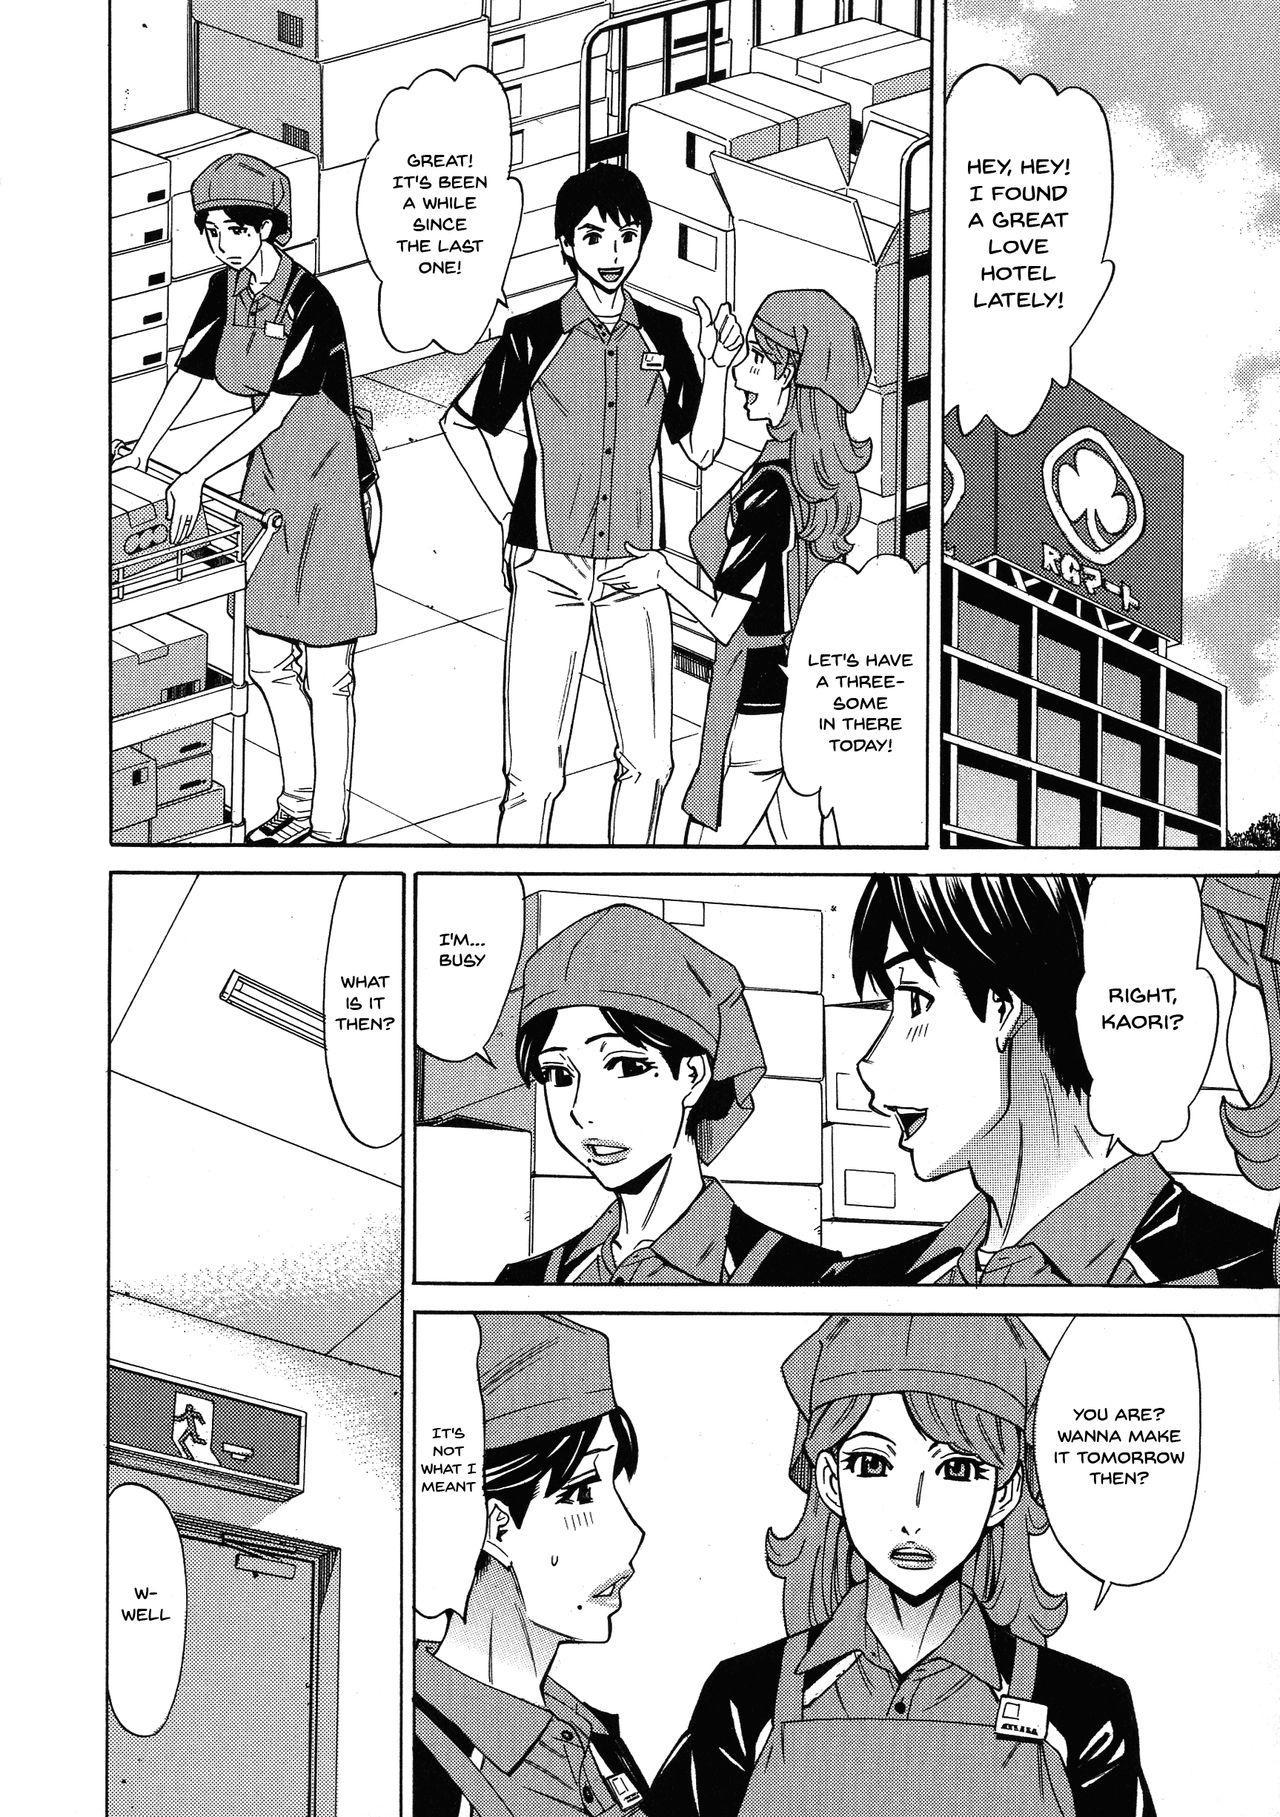 [Makibe Kataru] Hitozuma Koi Hanabi ~Hajimete no Furin ga 3P ni Itaru made~ Ch.1-9 [English] {Doujins.com} 78